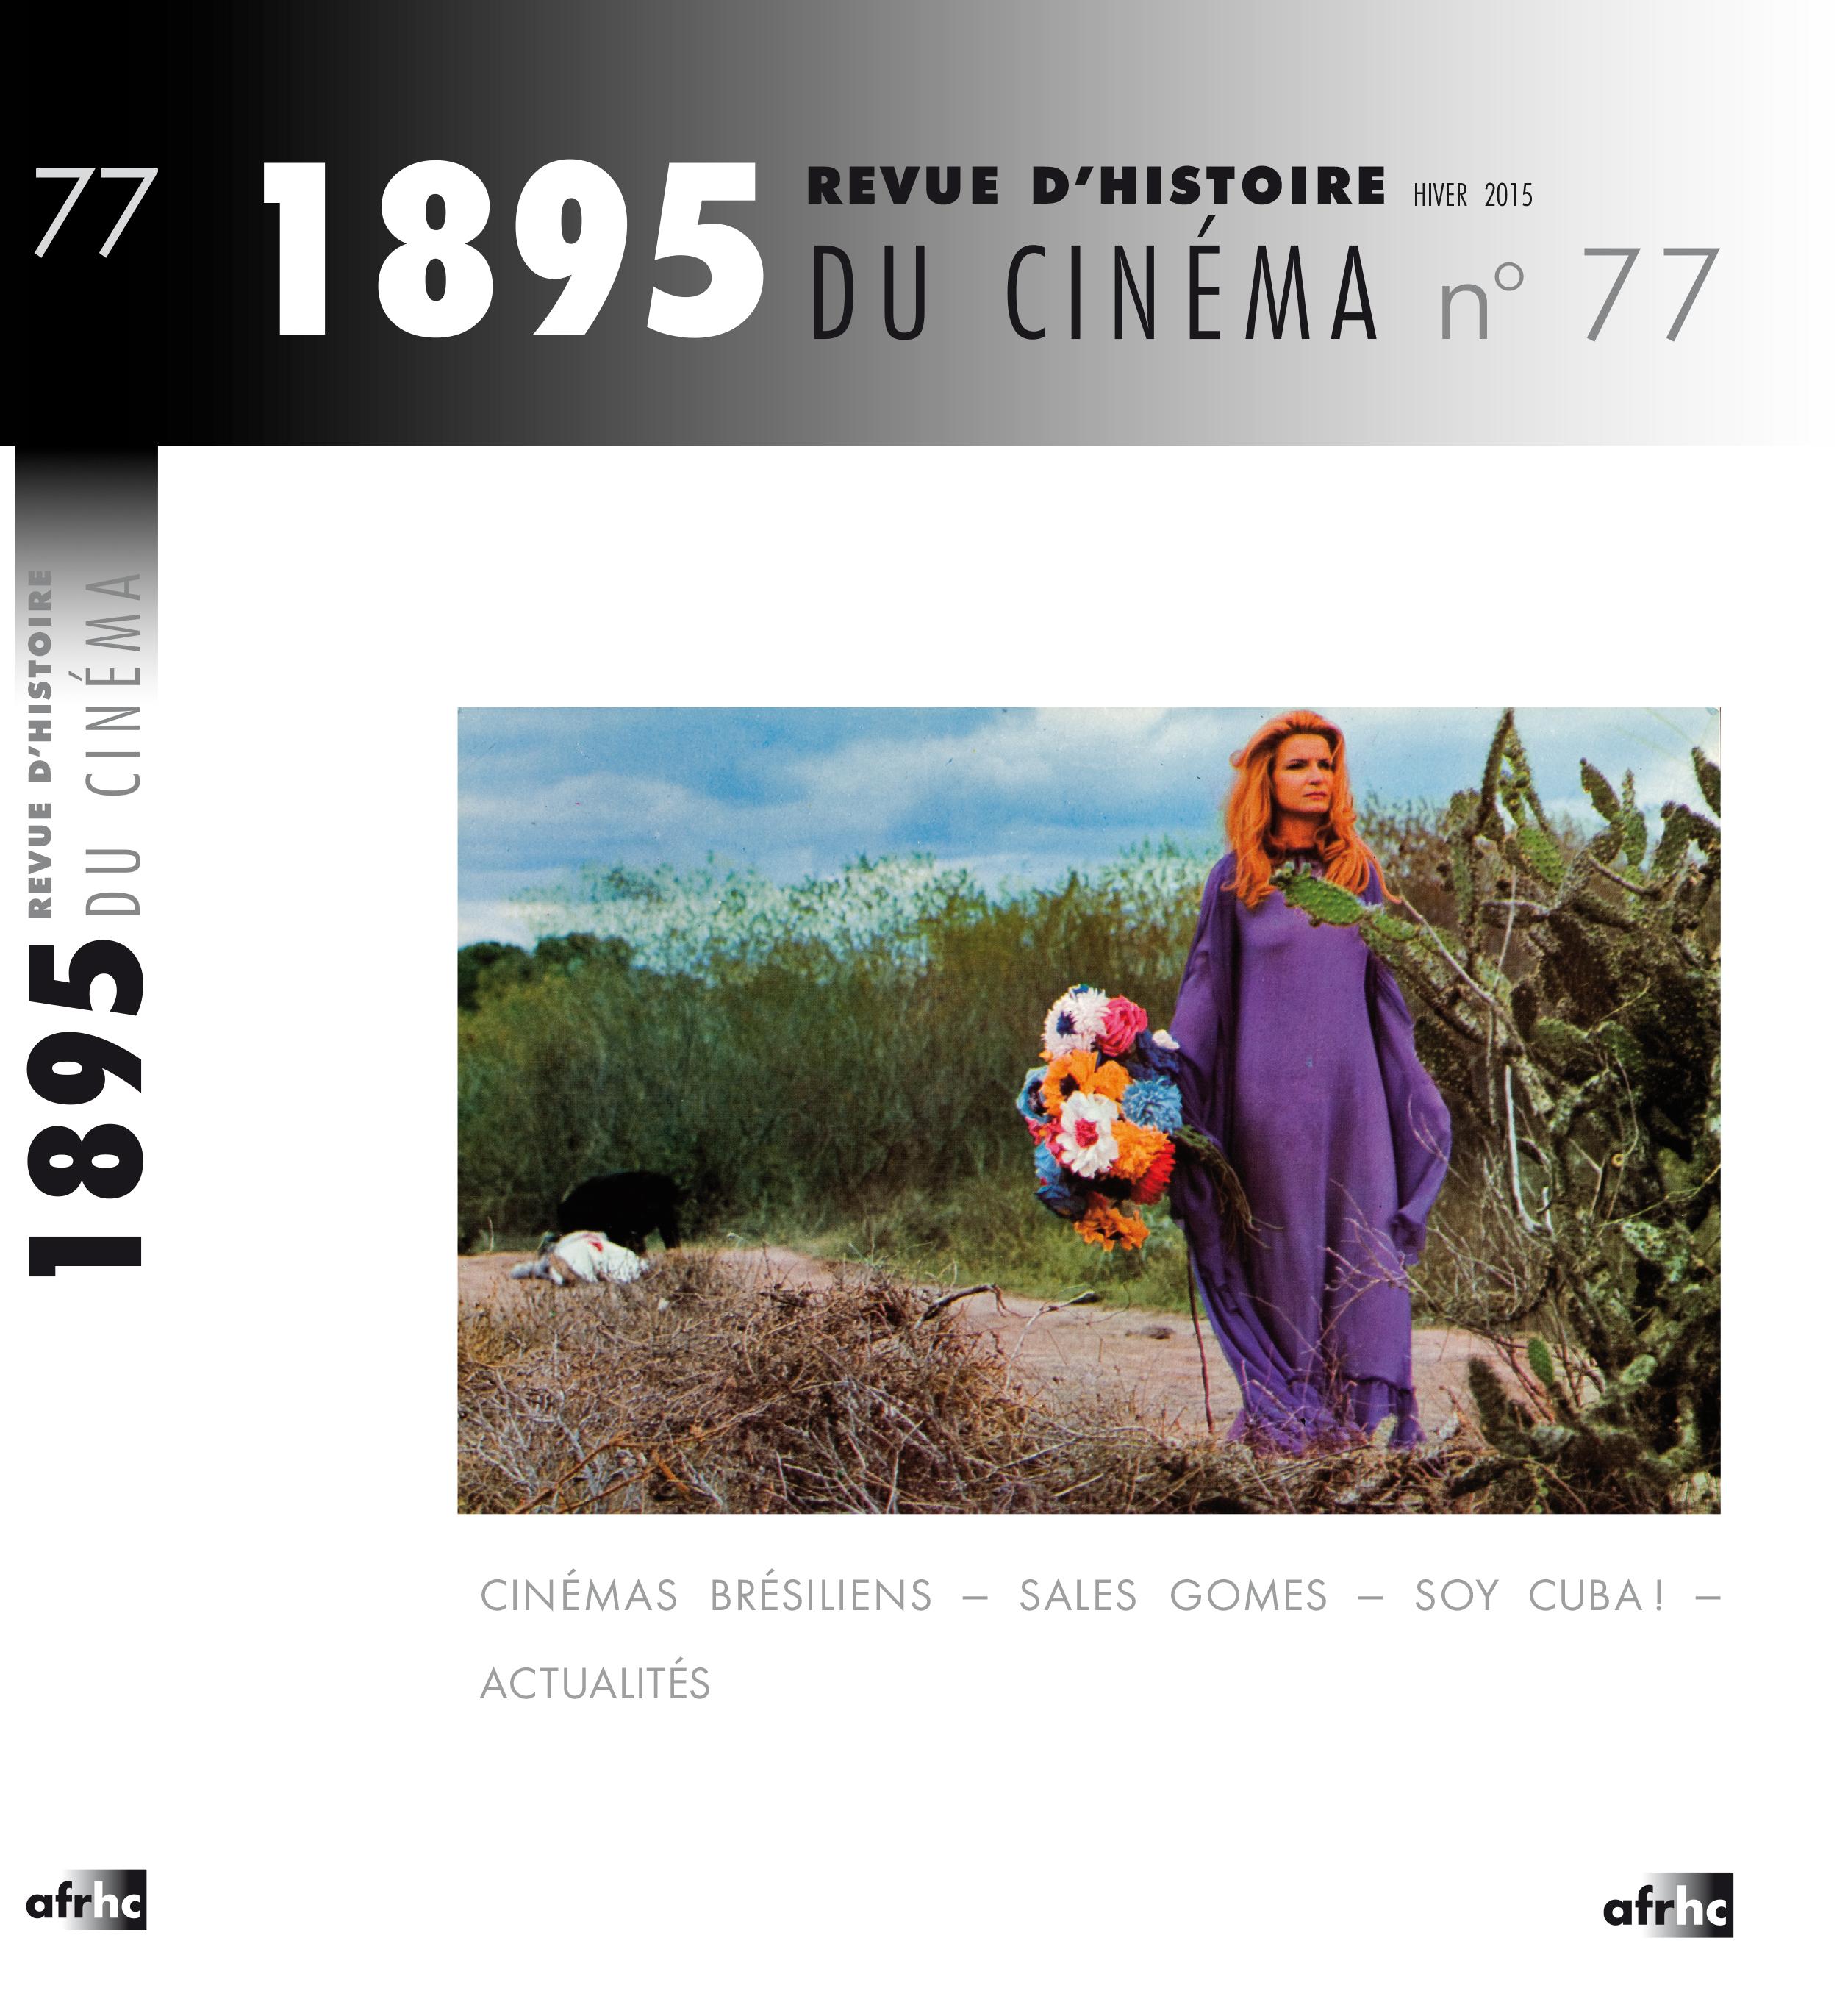 Revue_1895_77_couv-15248 1..1